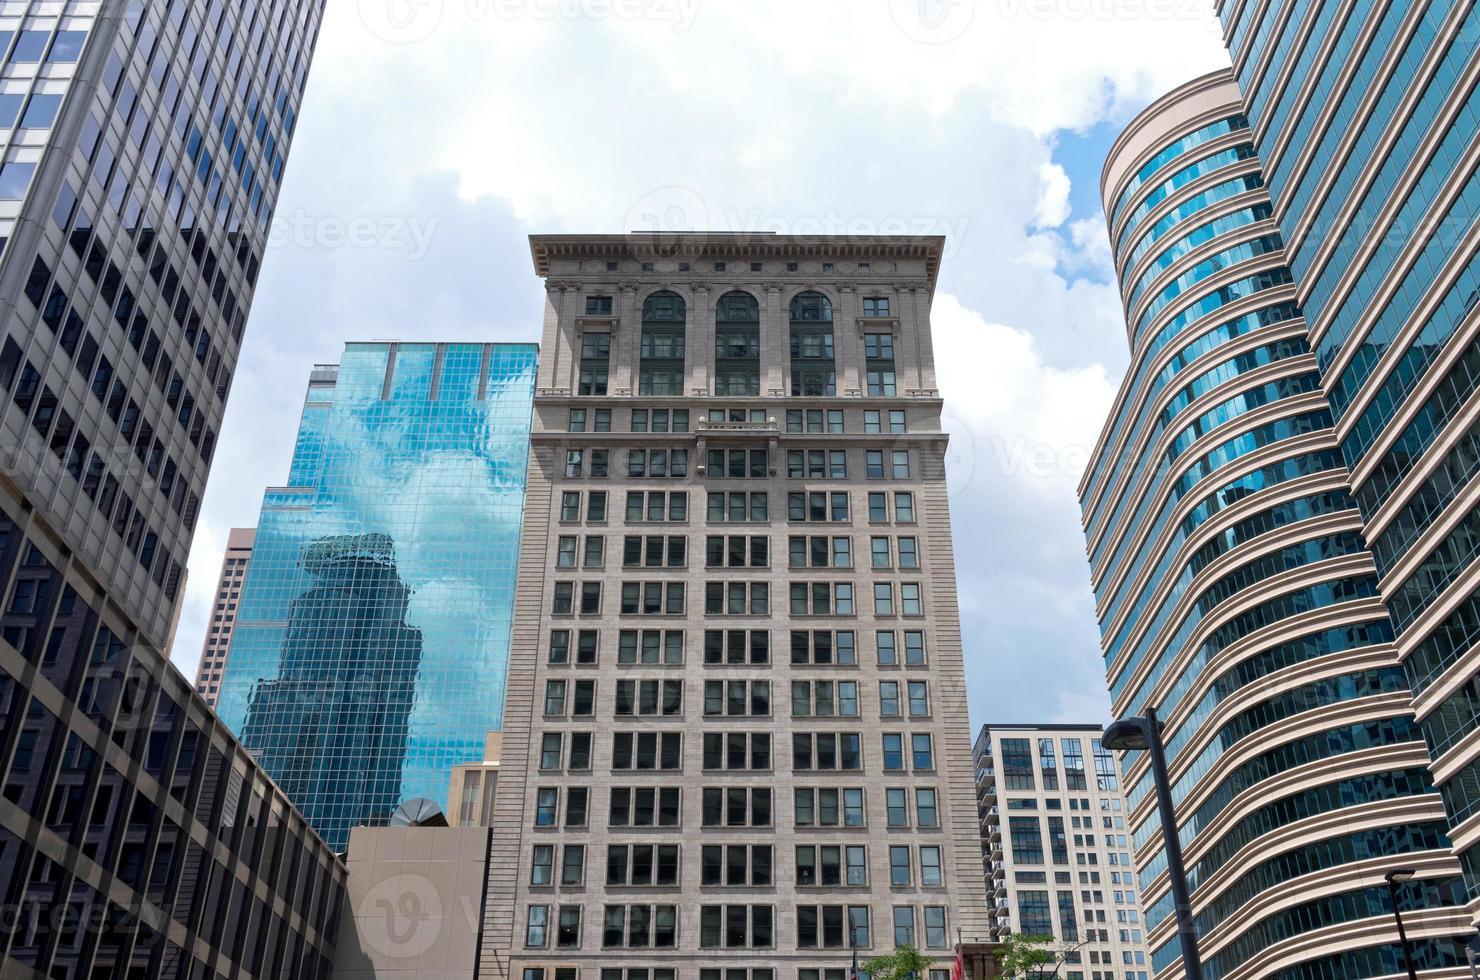 architecture historique et gratte-ciel de verre photo